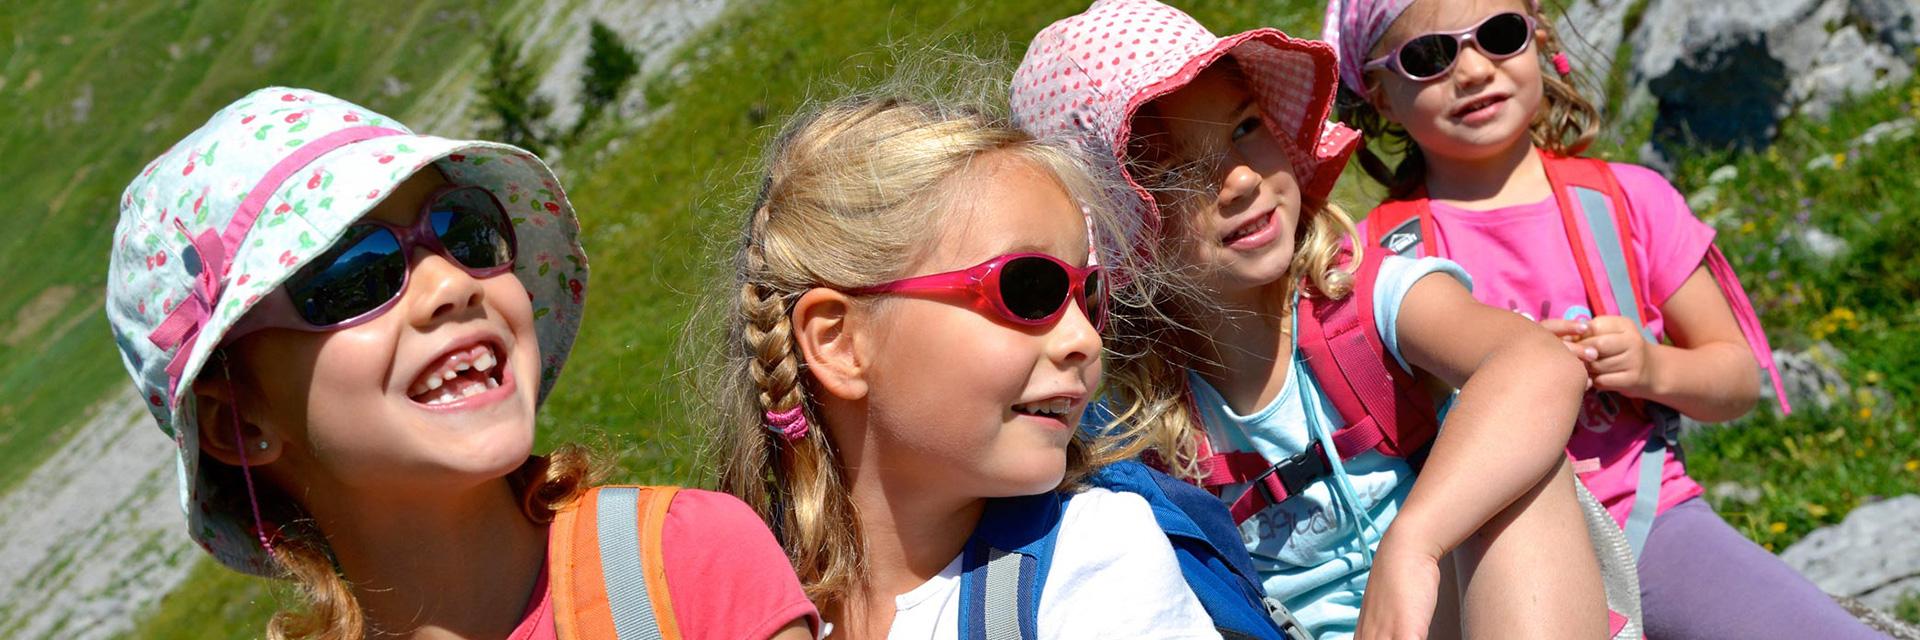 village-vacances-auberge-nordique-groupe-fillette